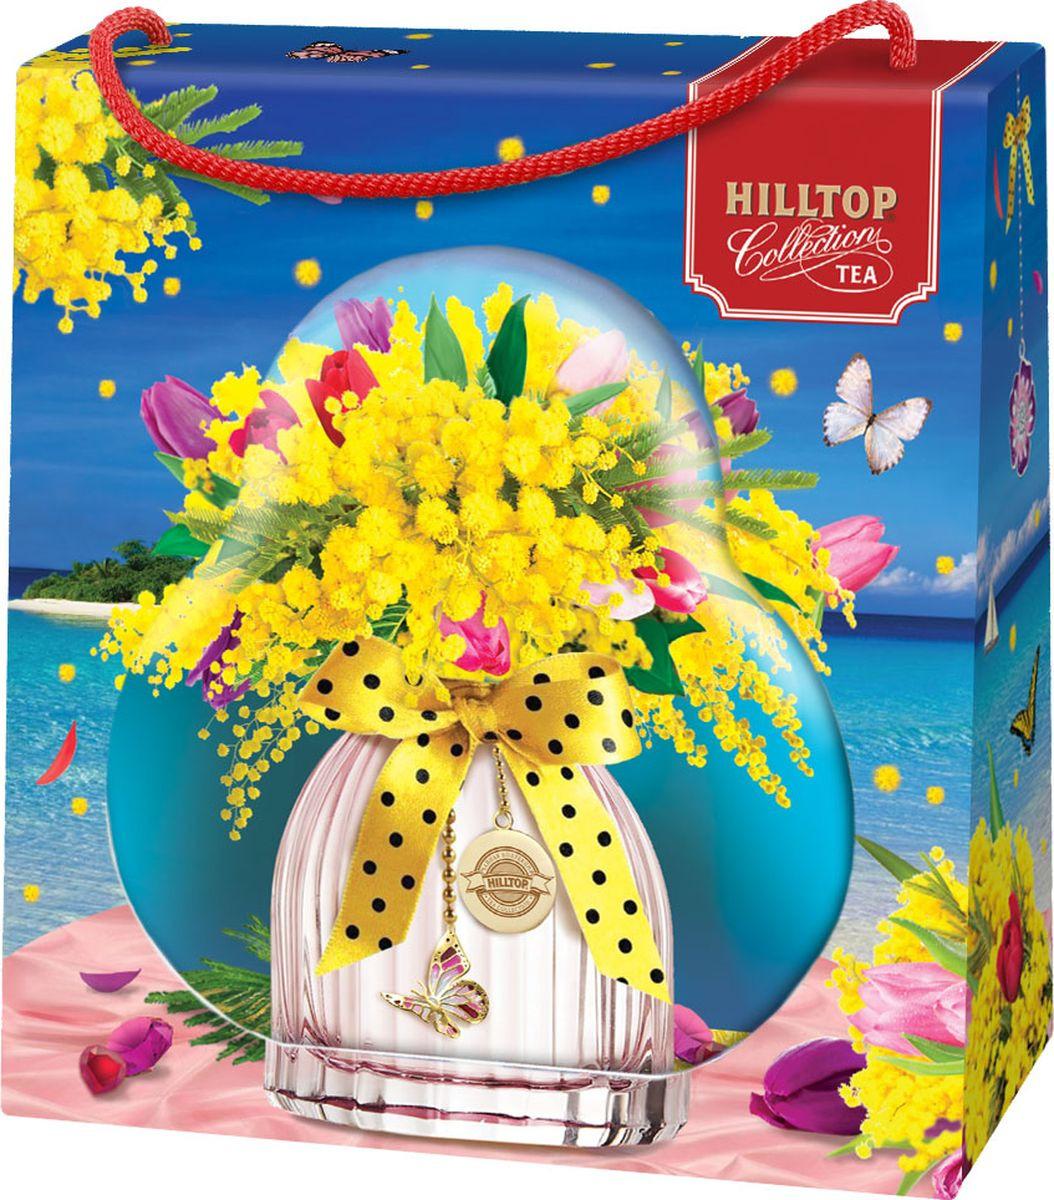 Подарочный чайный набор Hilltop Эрл Грей Весенний сюрприз Фантазия, в футляре Мимоза, 50 г hilltop новогодние подарки чайный набор